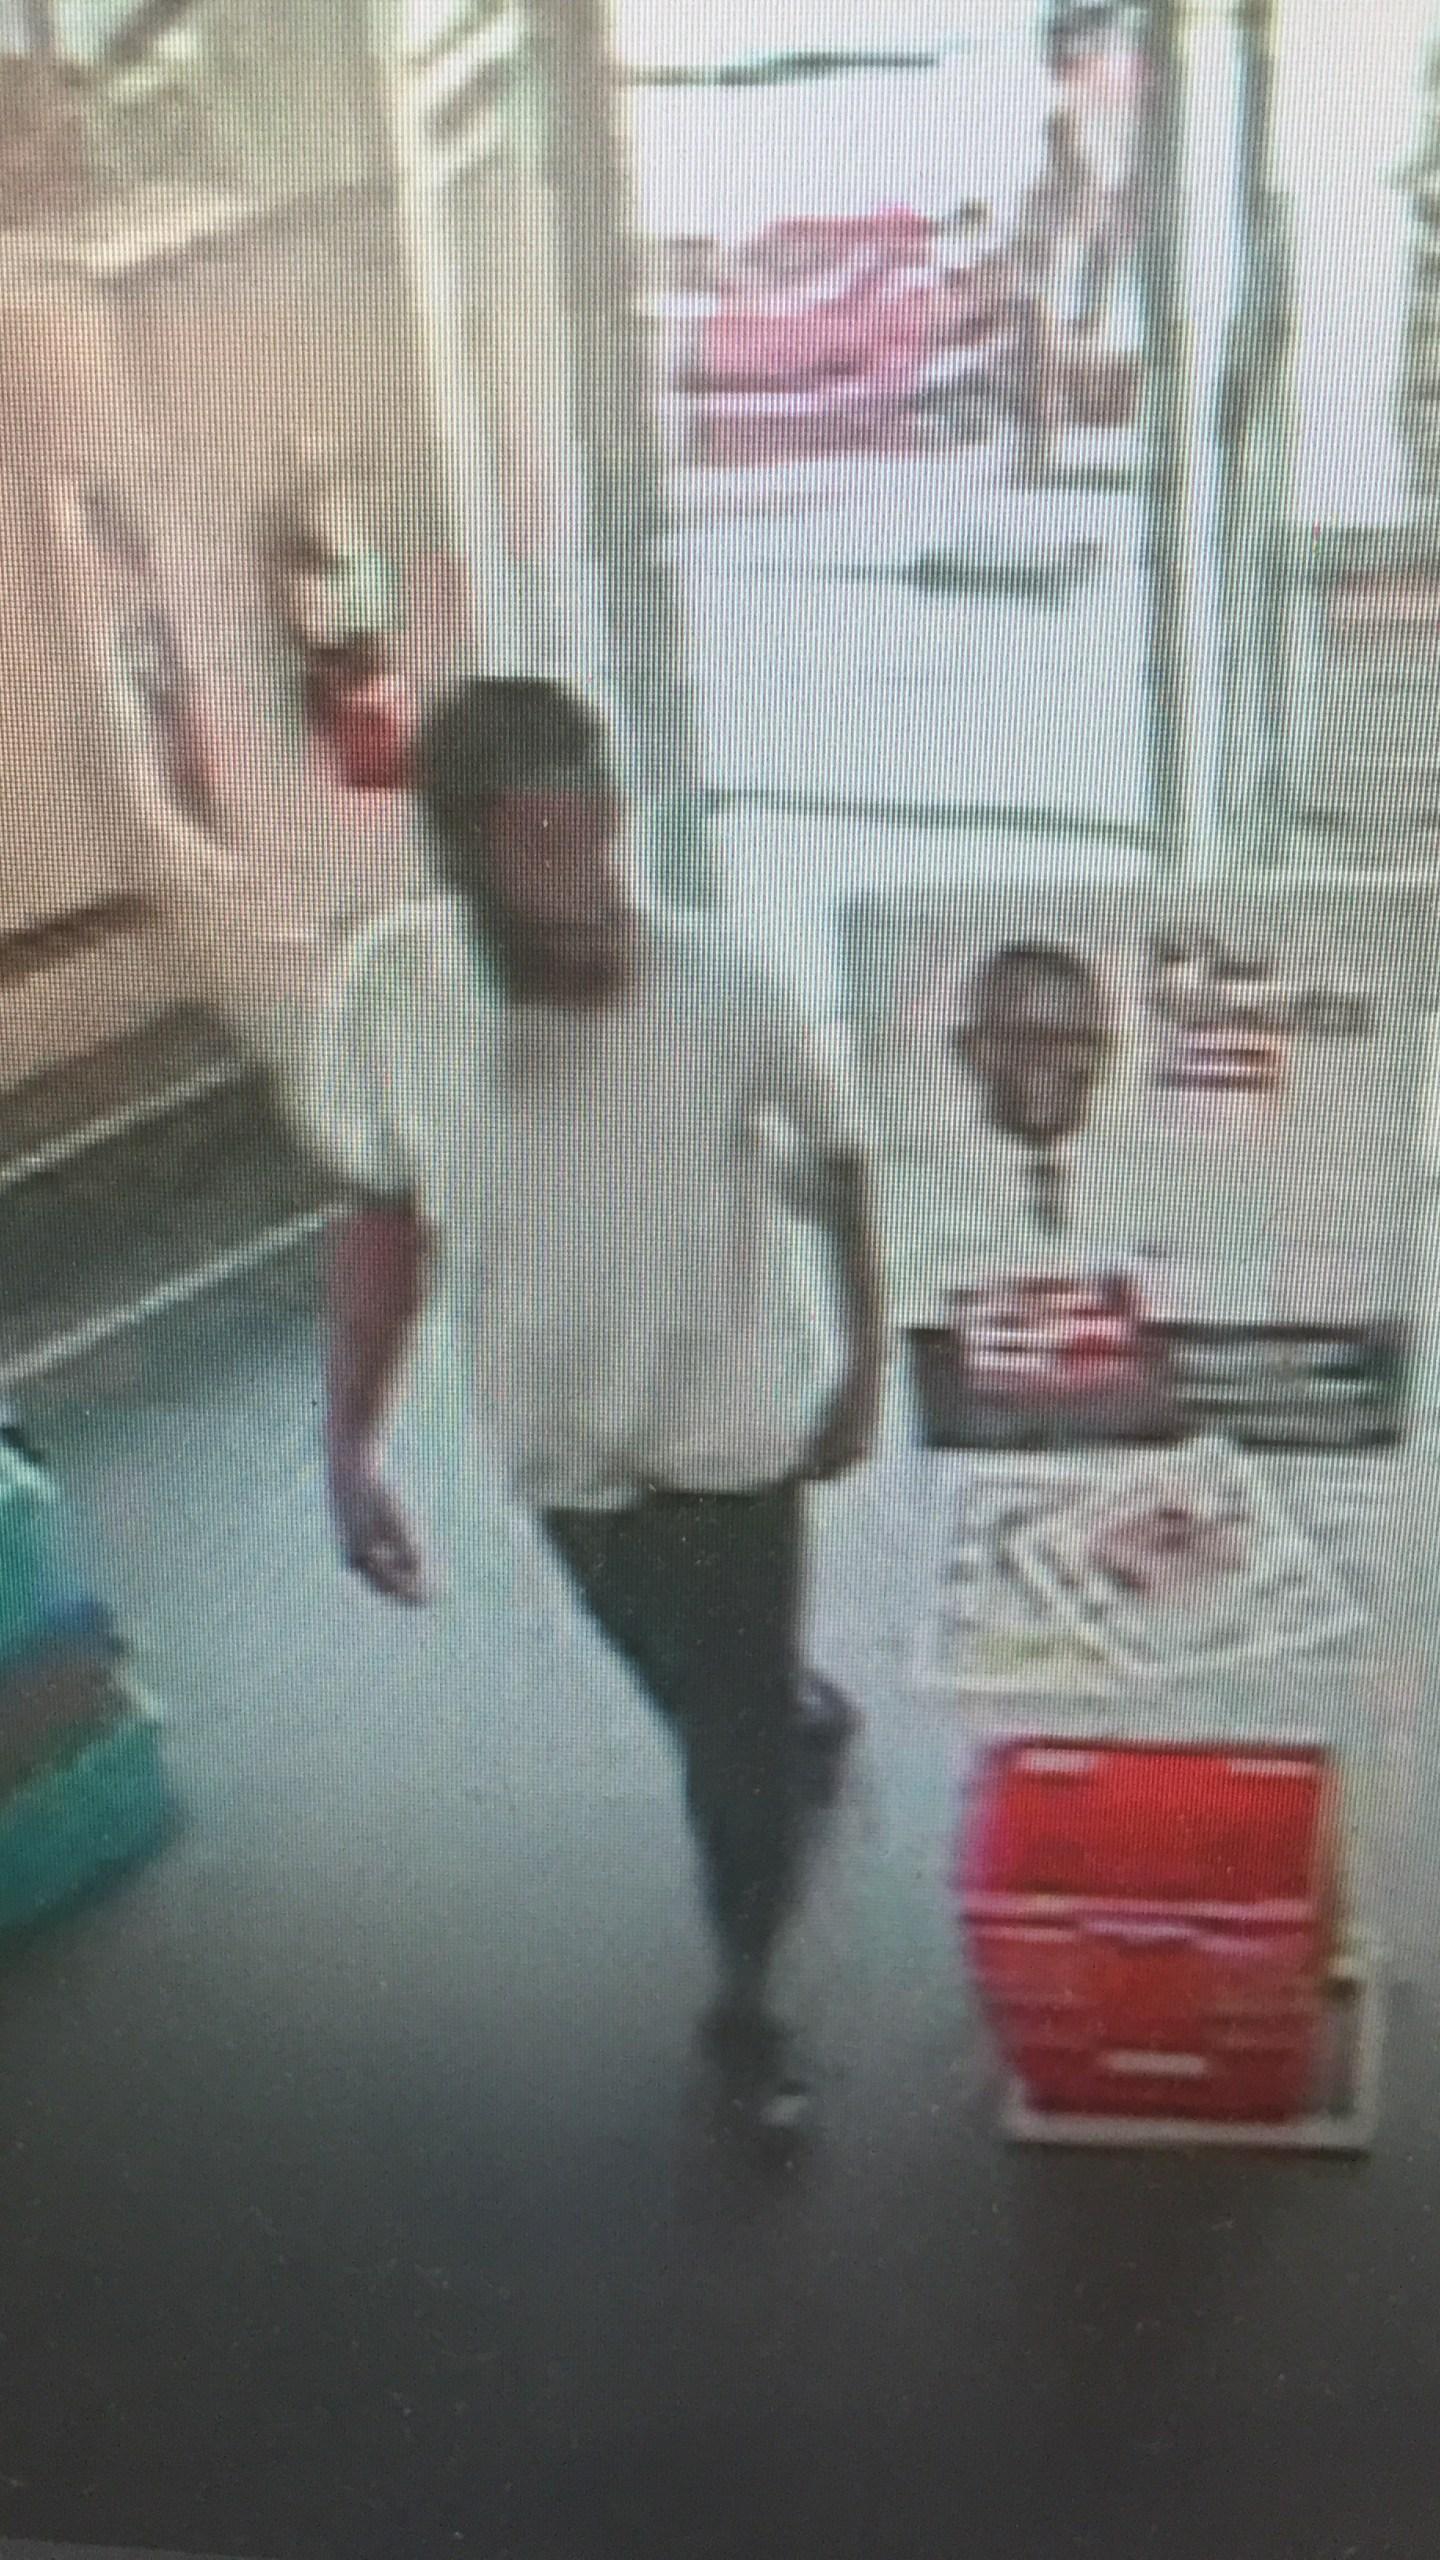 CVS suspect_1440107880898.jpg